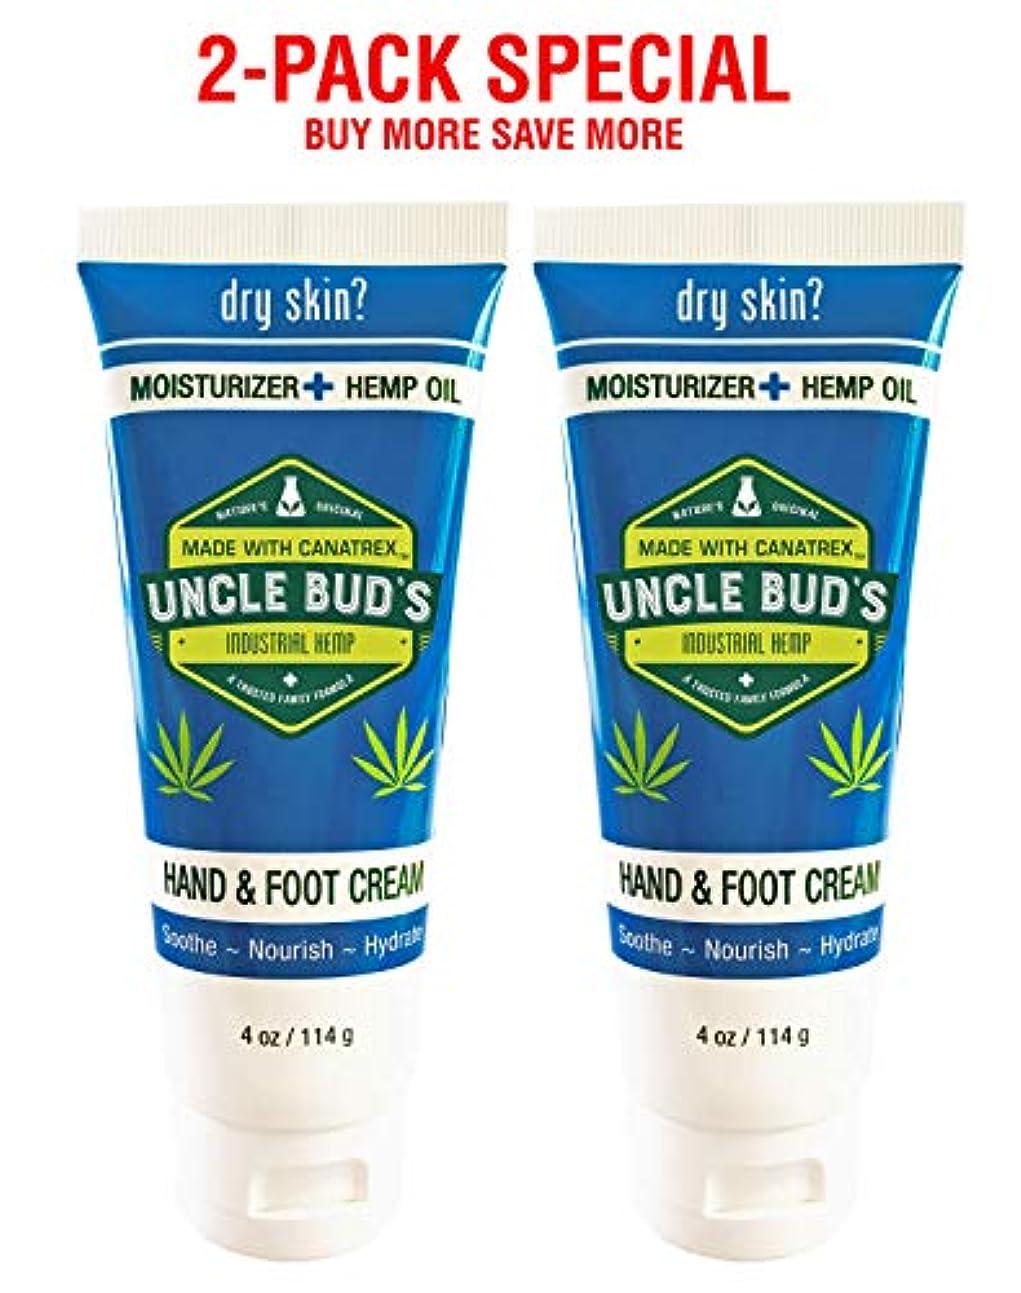 資本経済的何故なのUncle Bud's 2-Pack Special - Hand and Foot Cream HEMP Oil - 4oz per tube